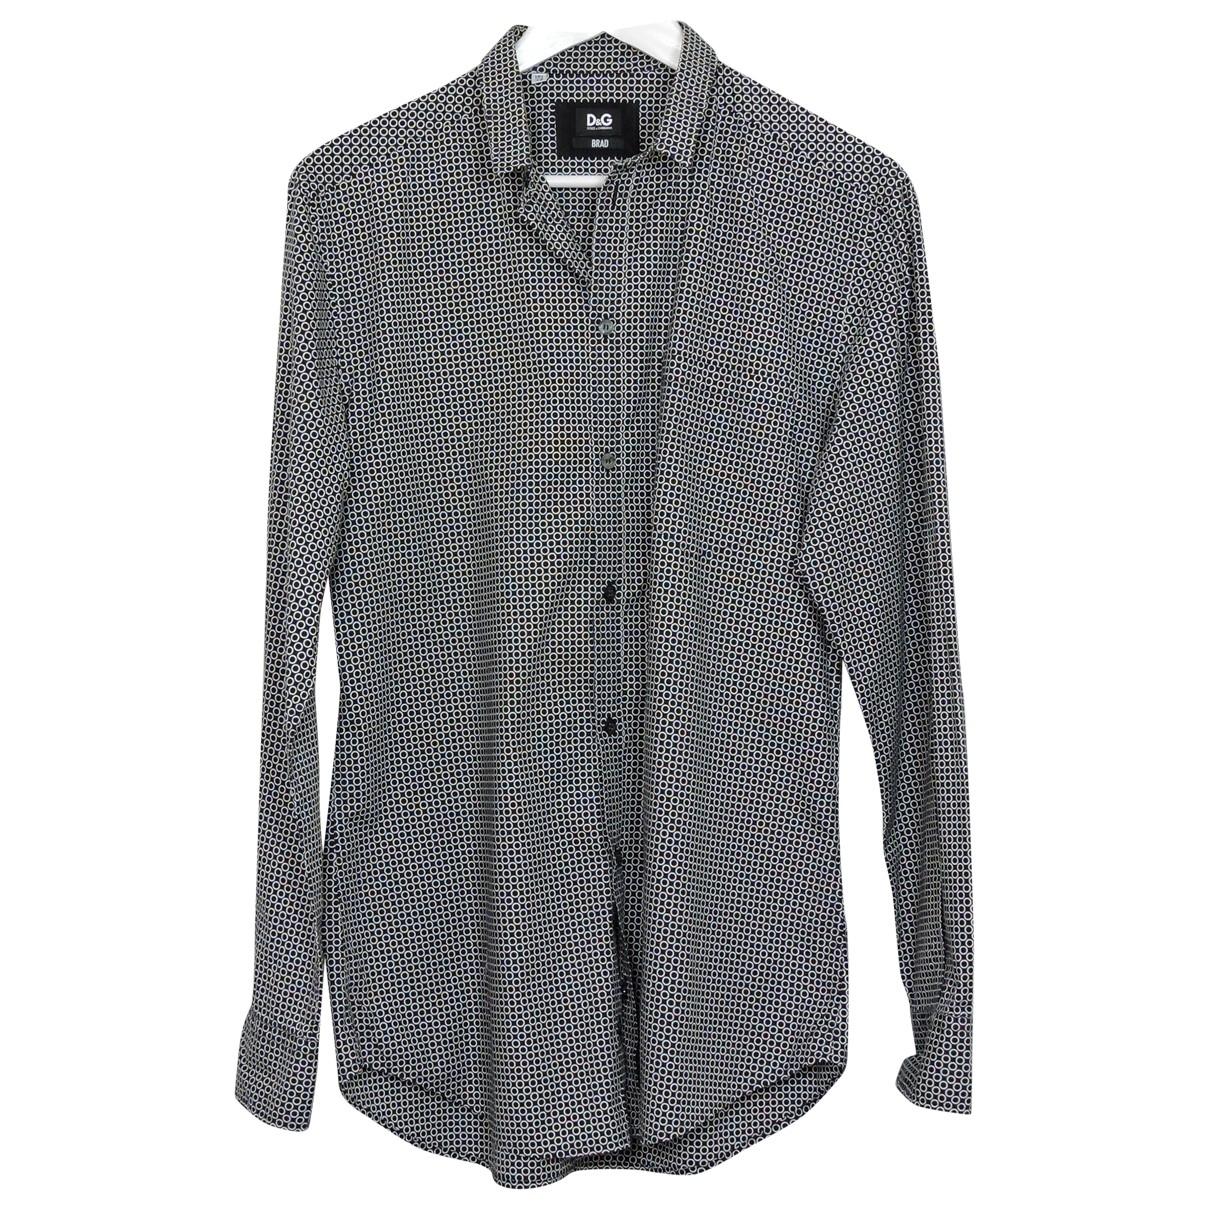 D&g \N Black Cotton Shirts for Men 42 EU (tour de cou / collar)